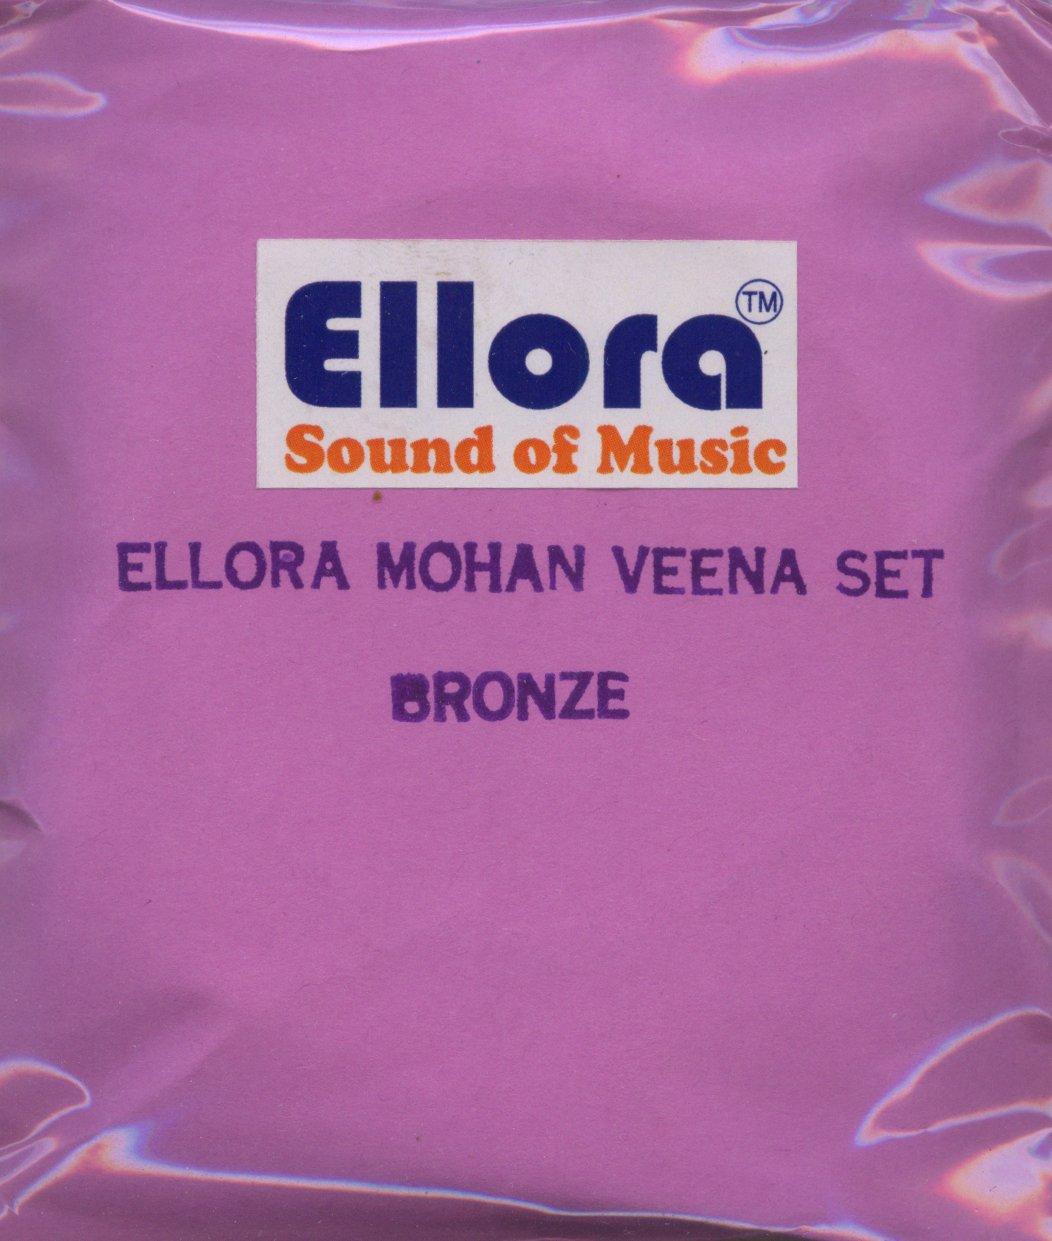 Mohan Veena Strings, Bronze, Ellora, Professional, Sympathetic Tarabh Strings